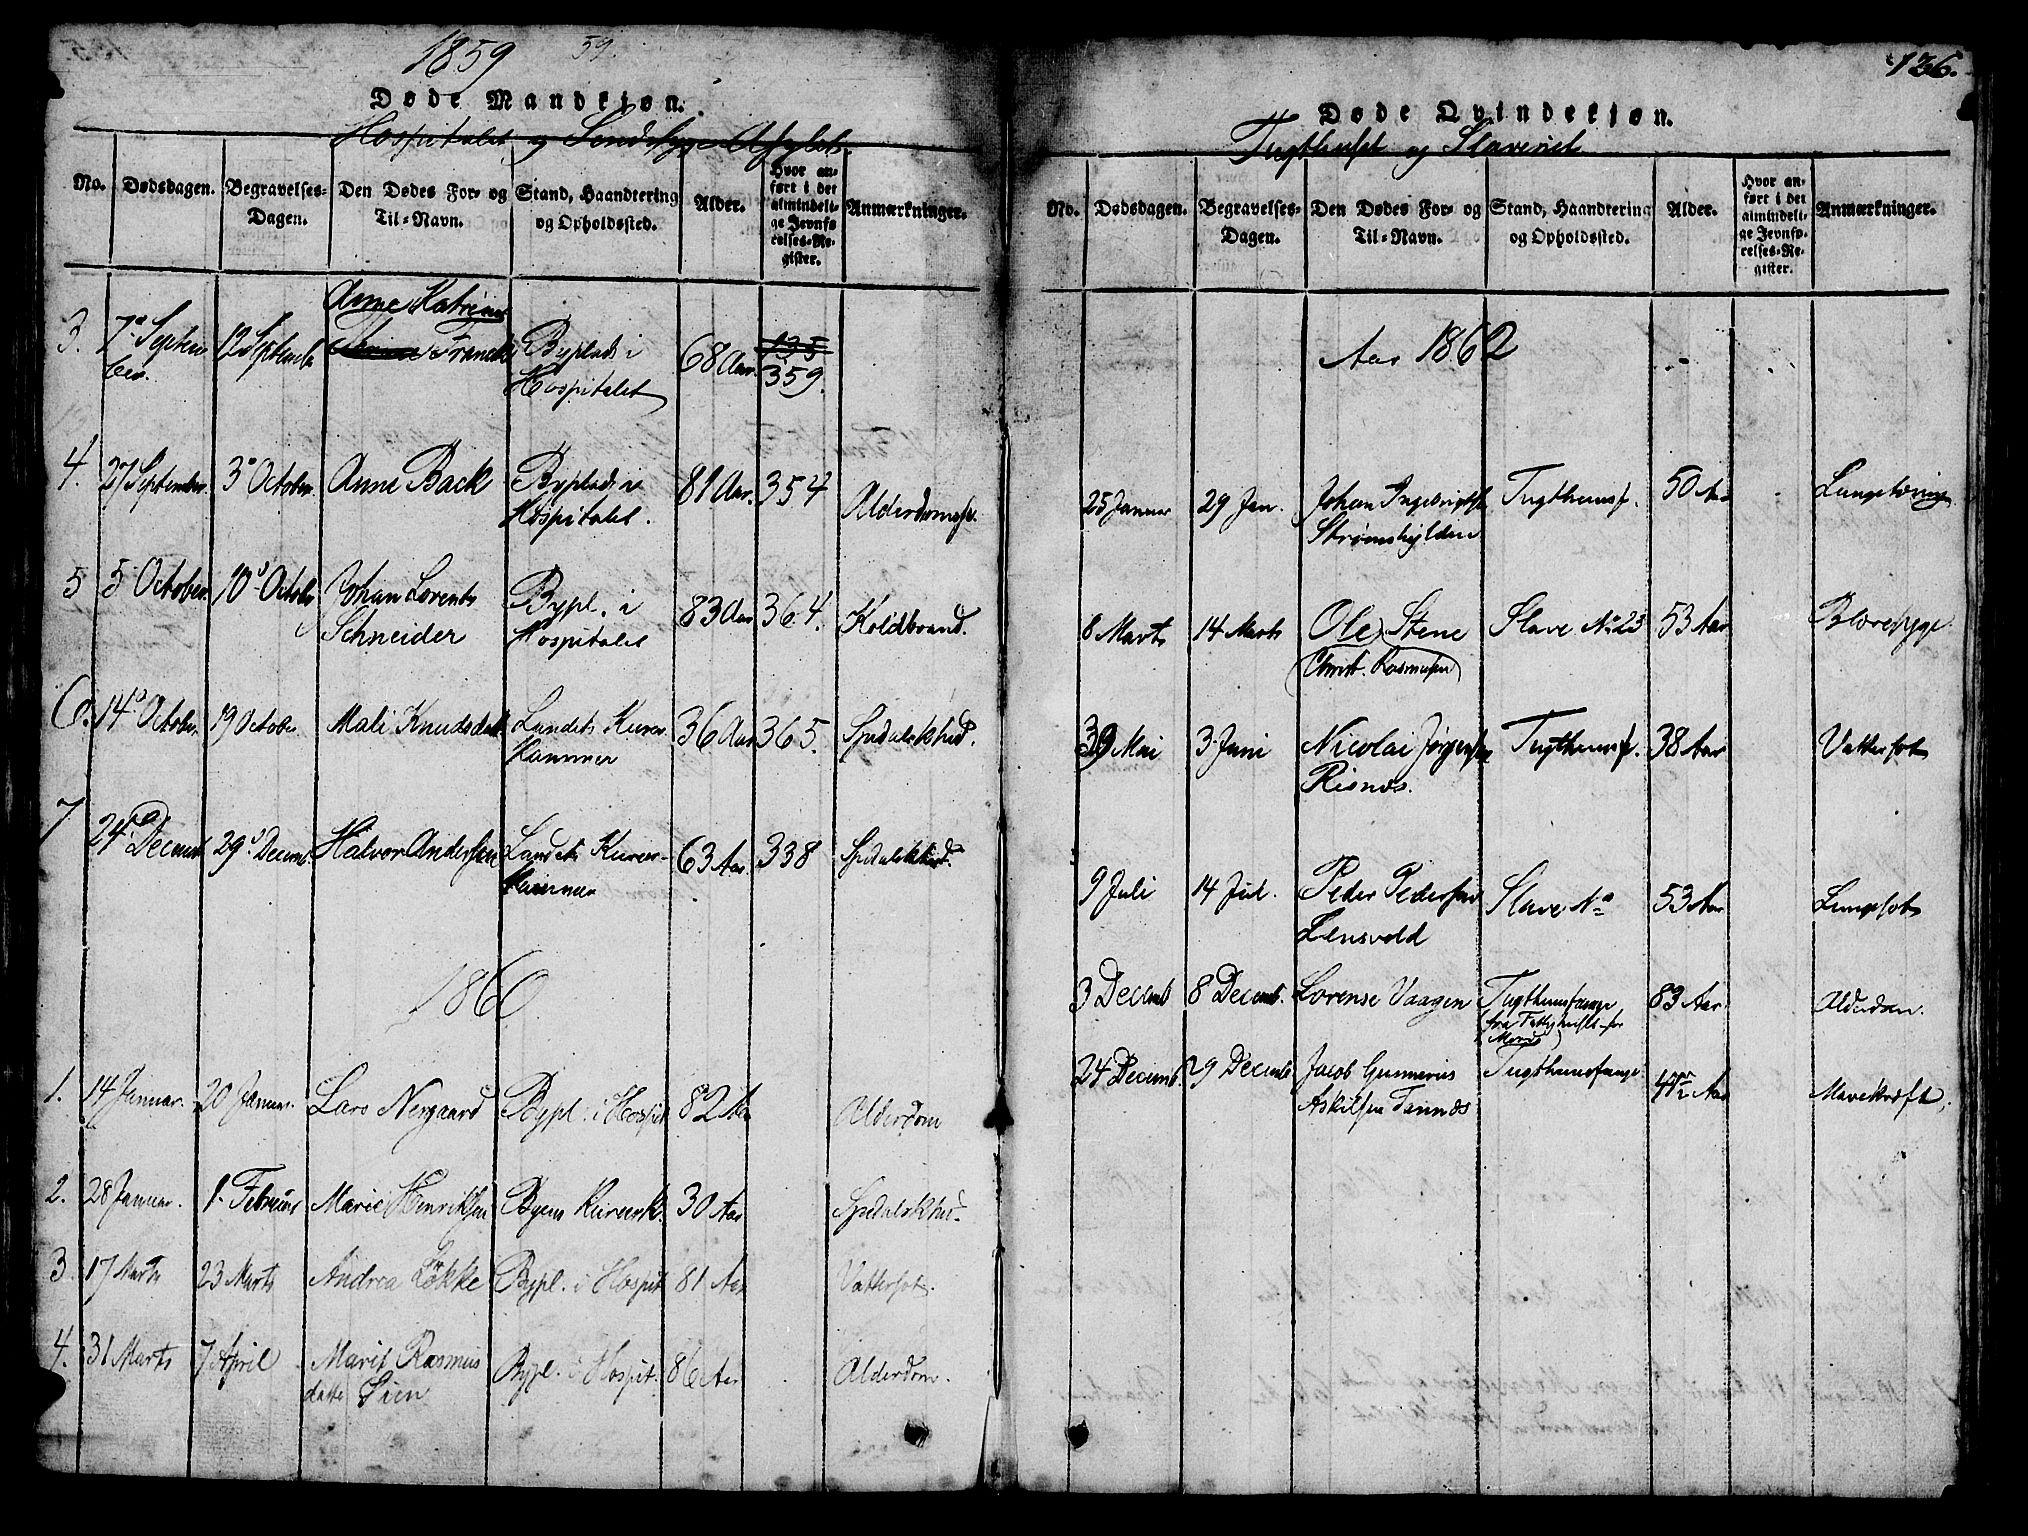 SAT, Ministerialprotokoller, klokkerbøker og fødselsregistre - Sør-Trøndelag, 623/L0478: Klokkerbok nr. 623C01, 1815-1873, s. 136